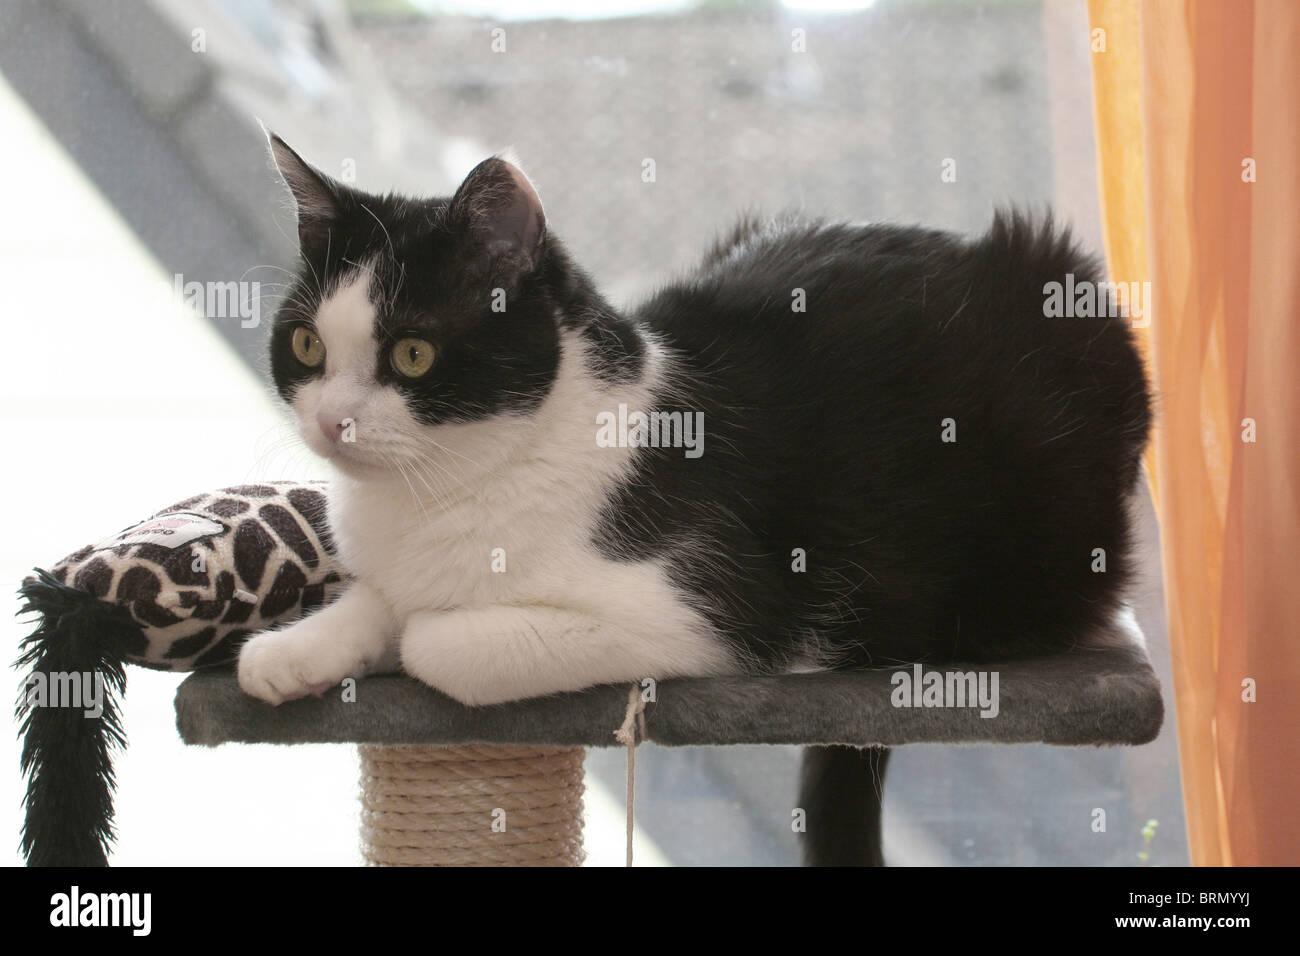 Il gatto domestico (Felis silvestris felis catus). 11 enne tomcat giacente su una scalfittura post. Immagini Stock